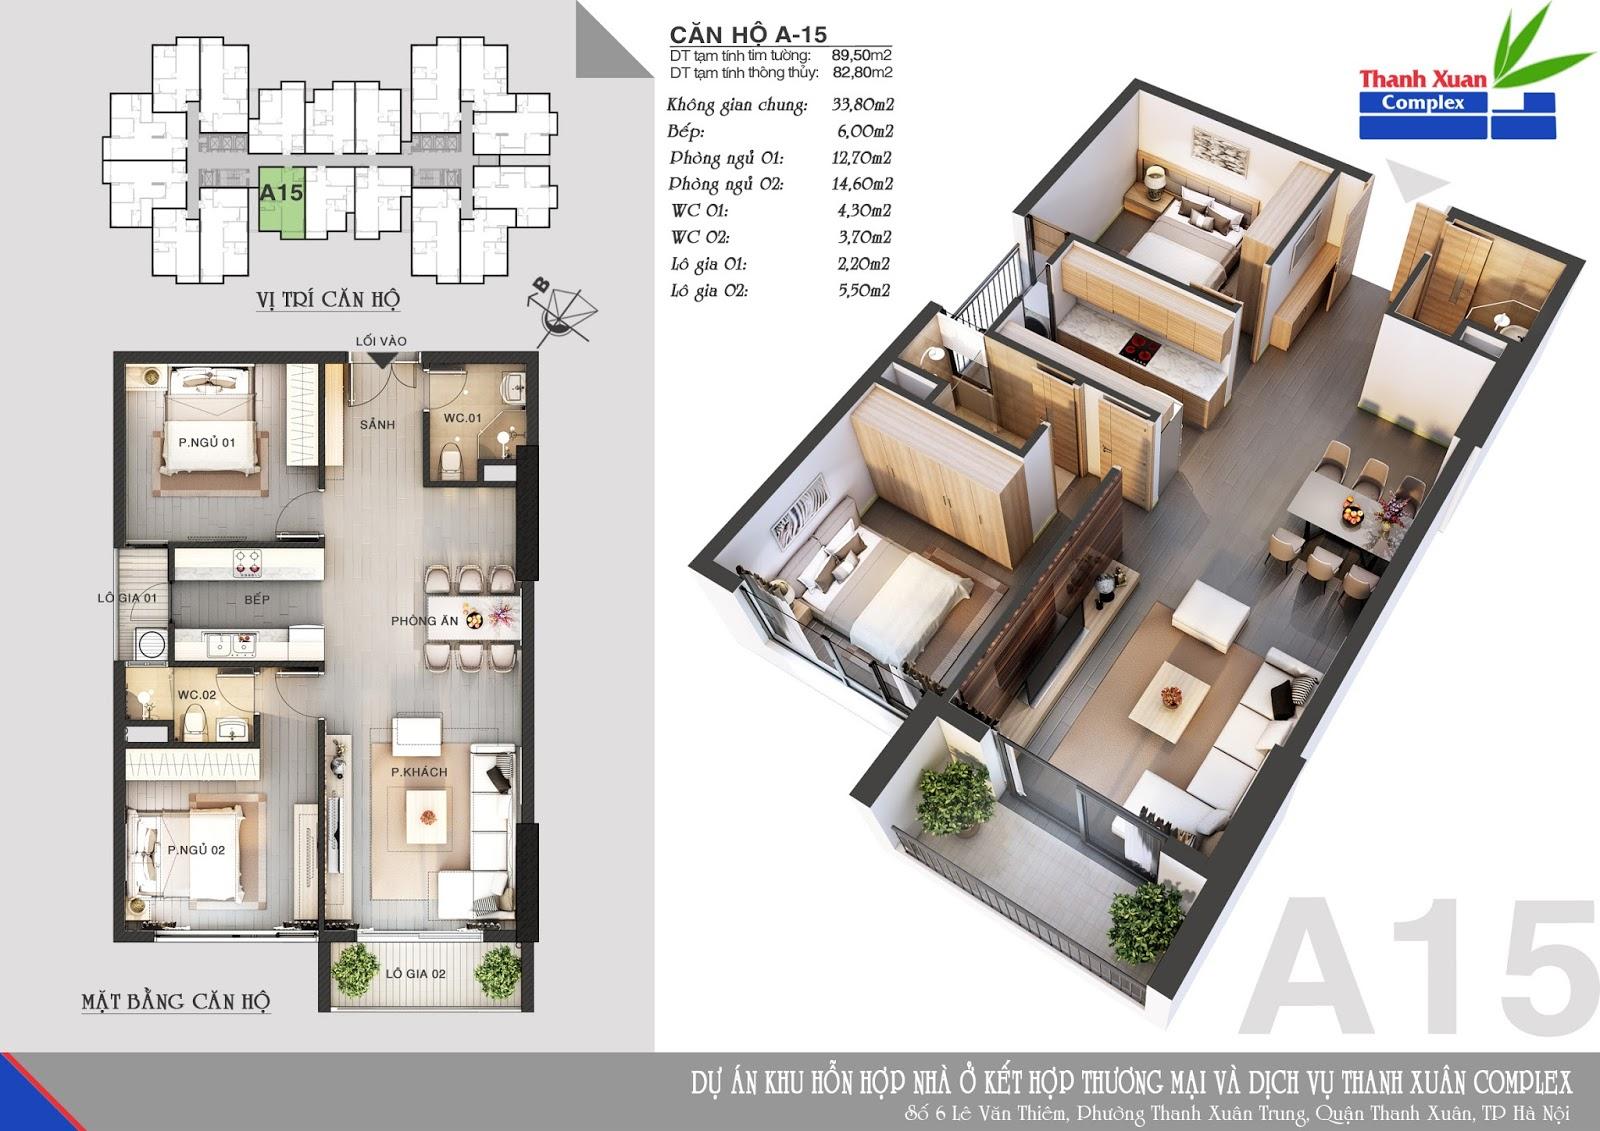 Mặt bằng căn hộ chung cư Thanh xuân Complex 3